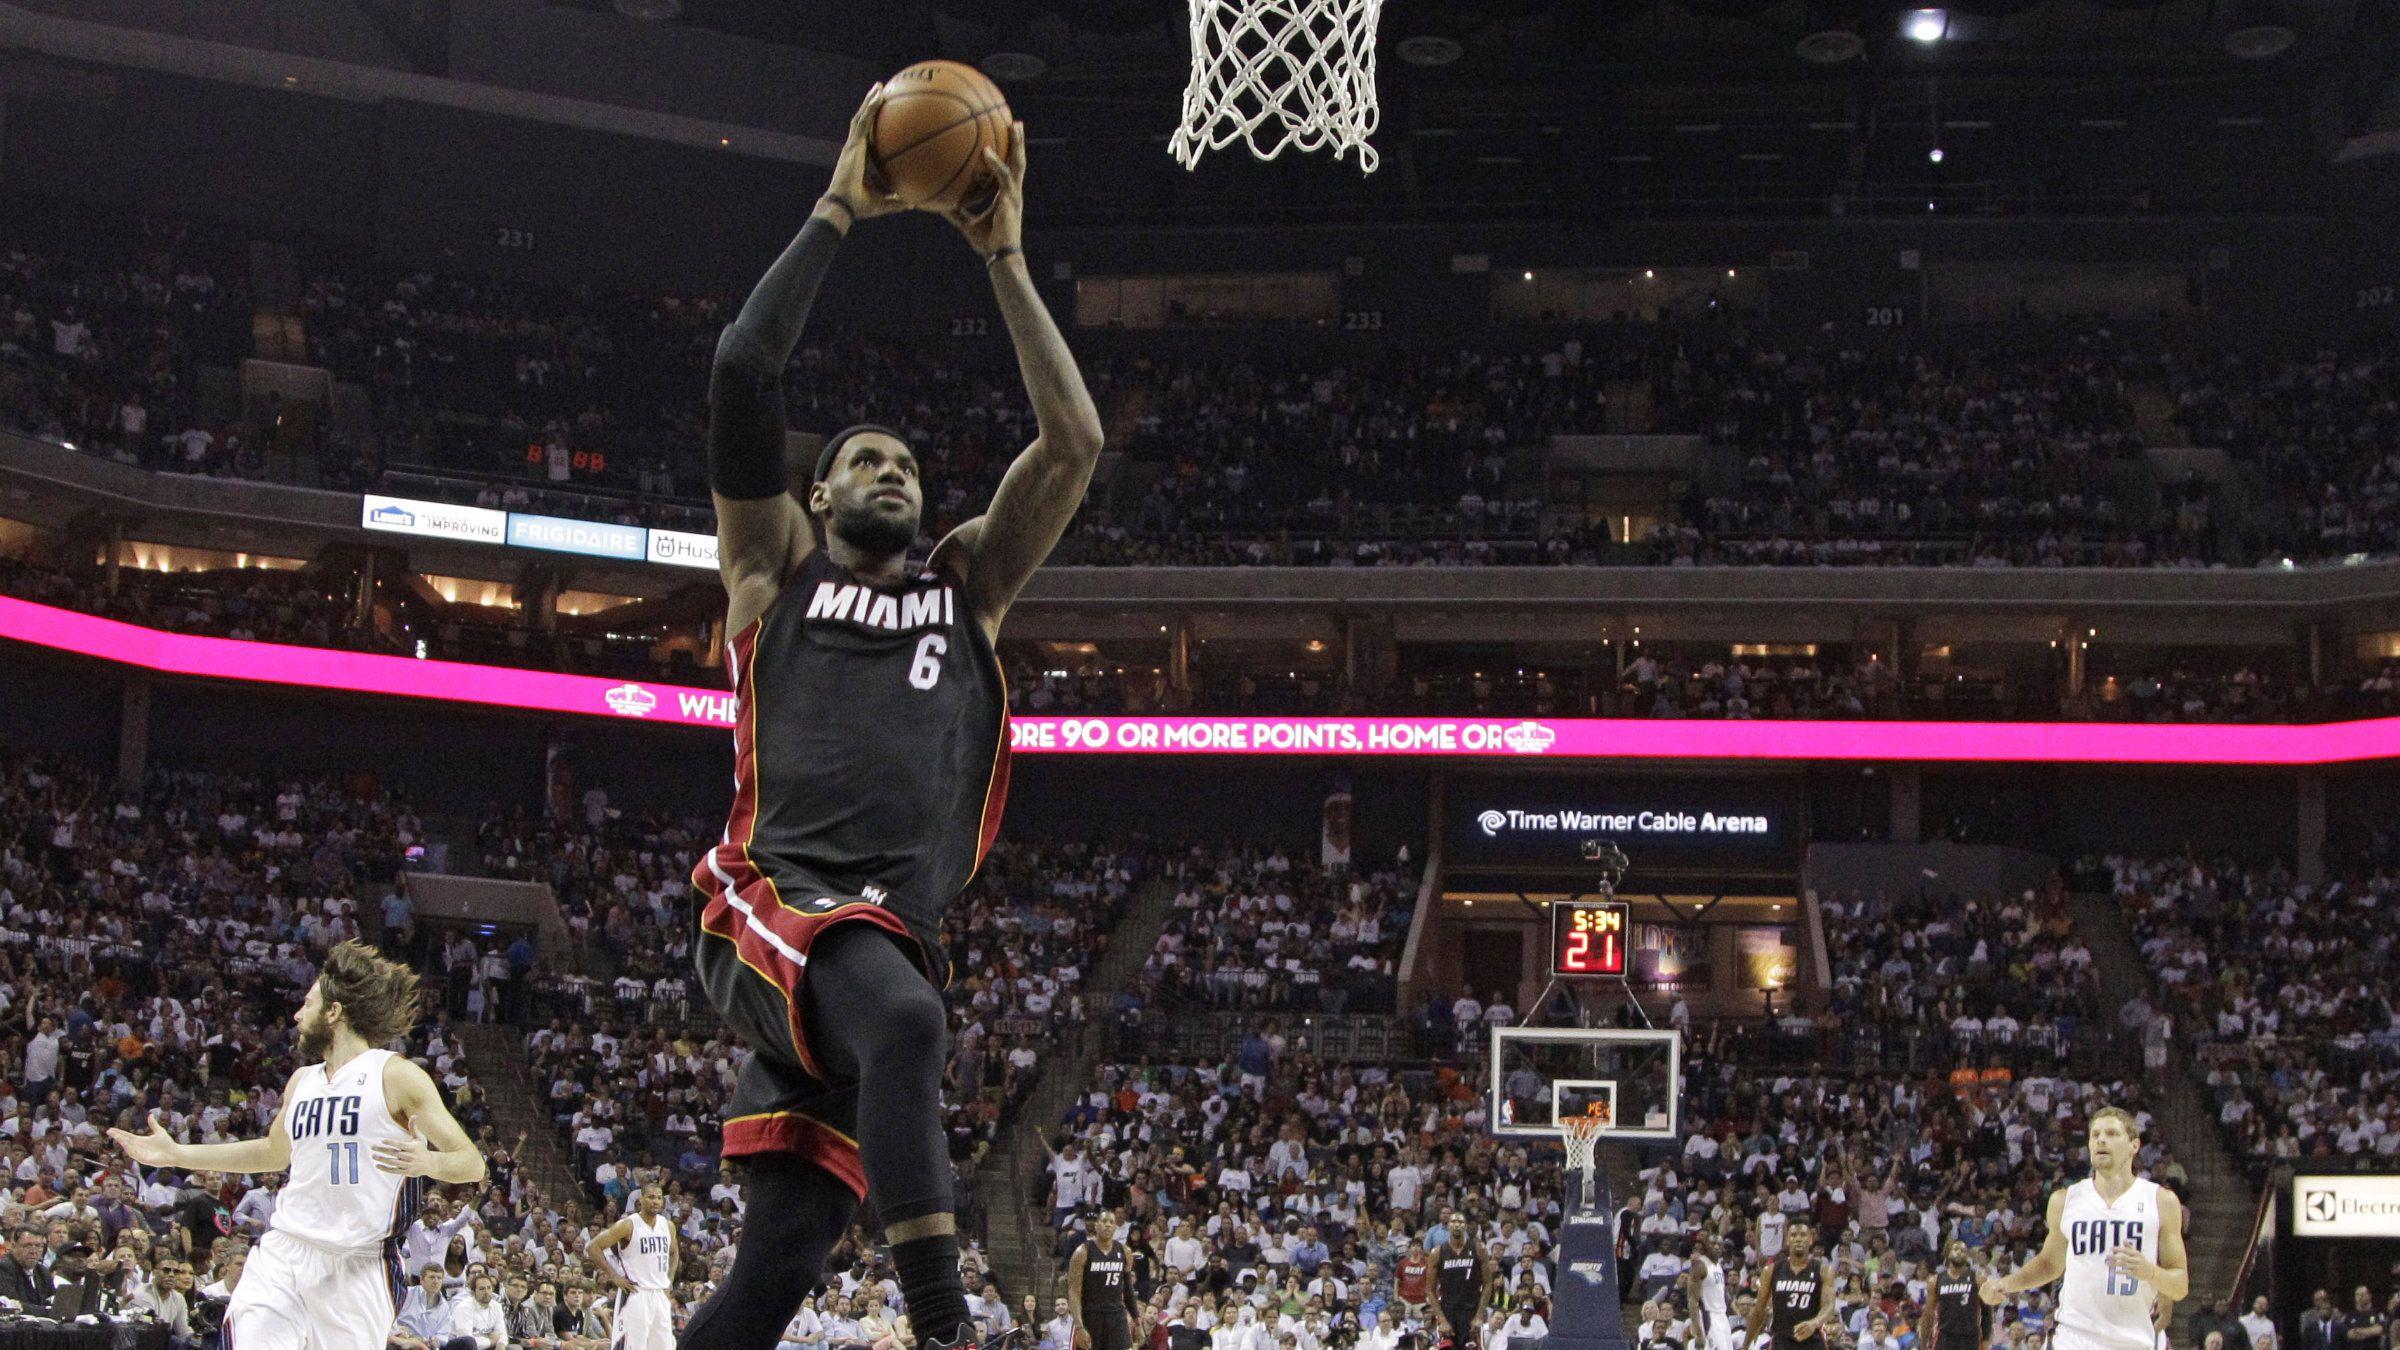 LeBron NBA TNT Murdoch